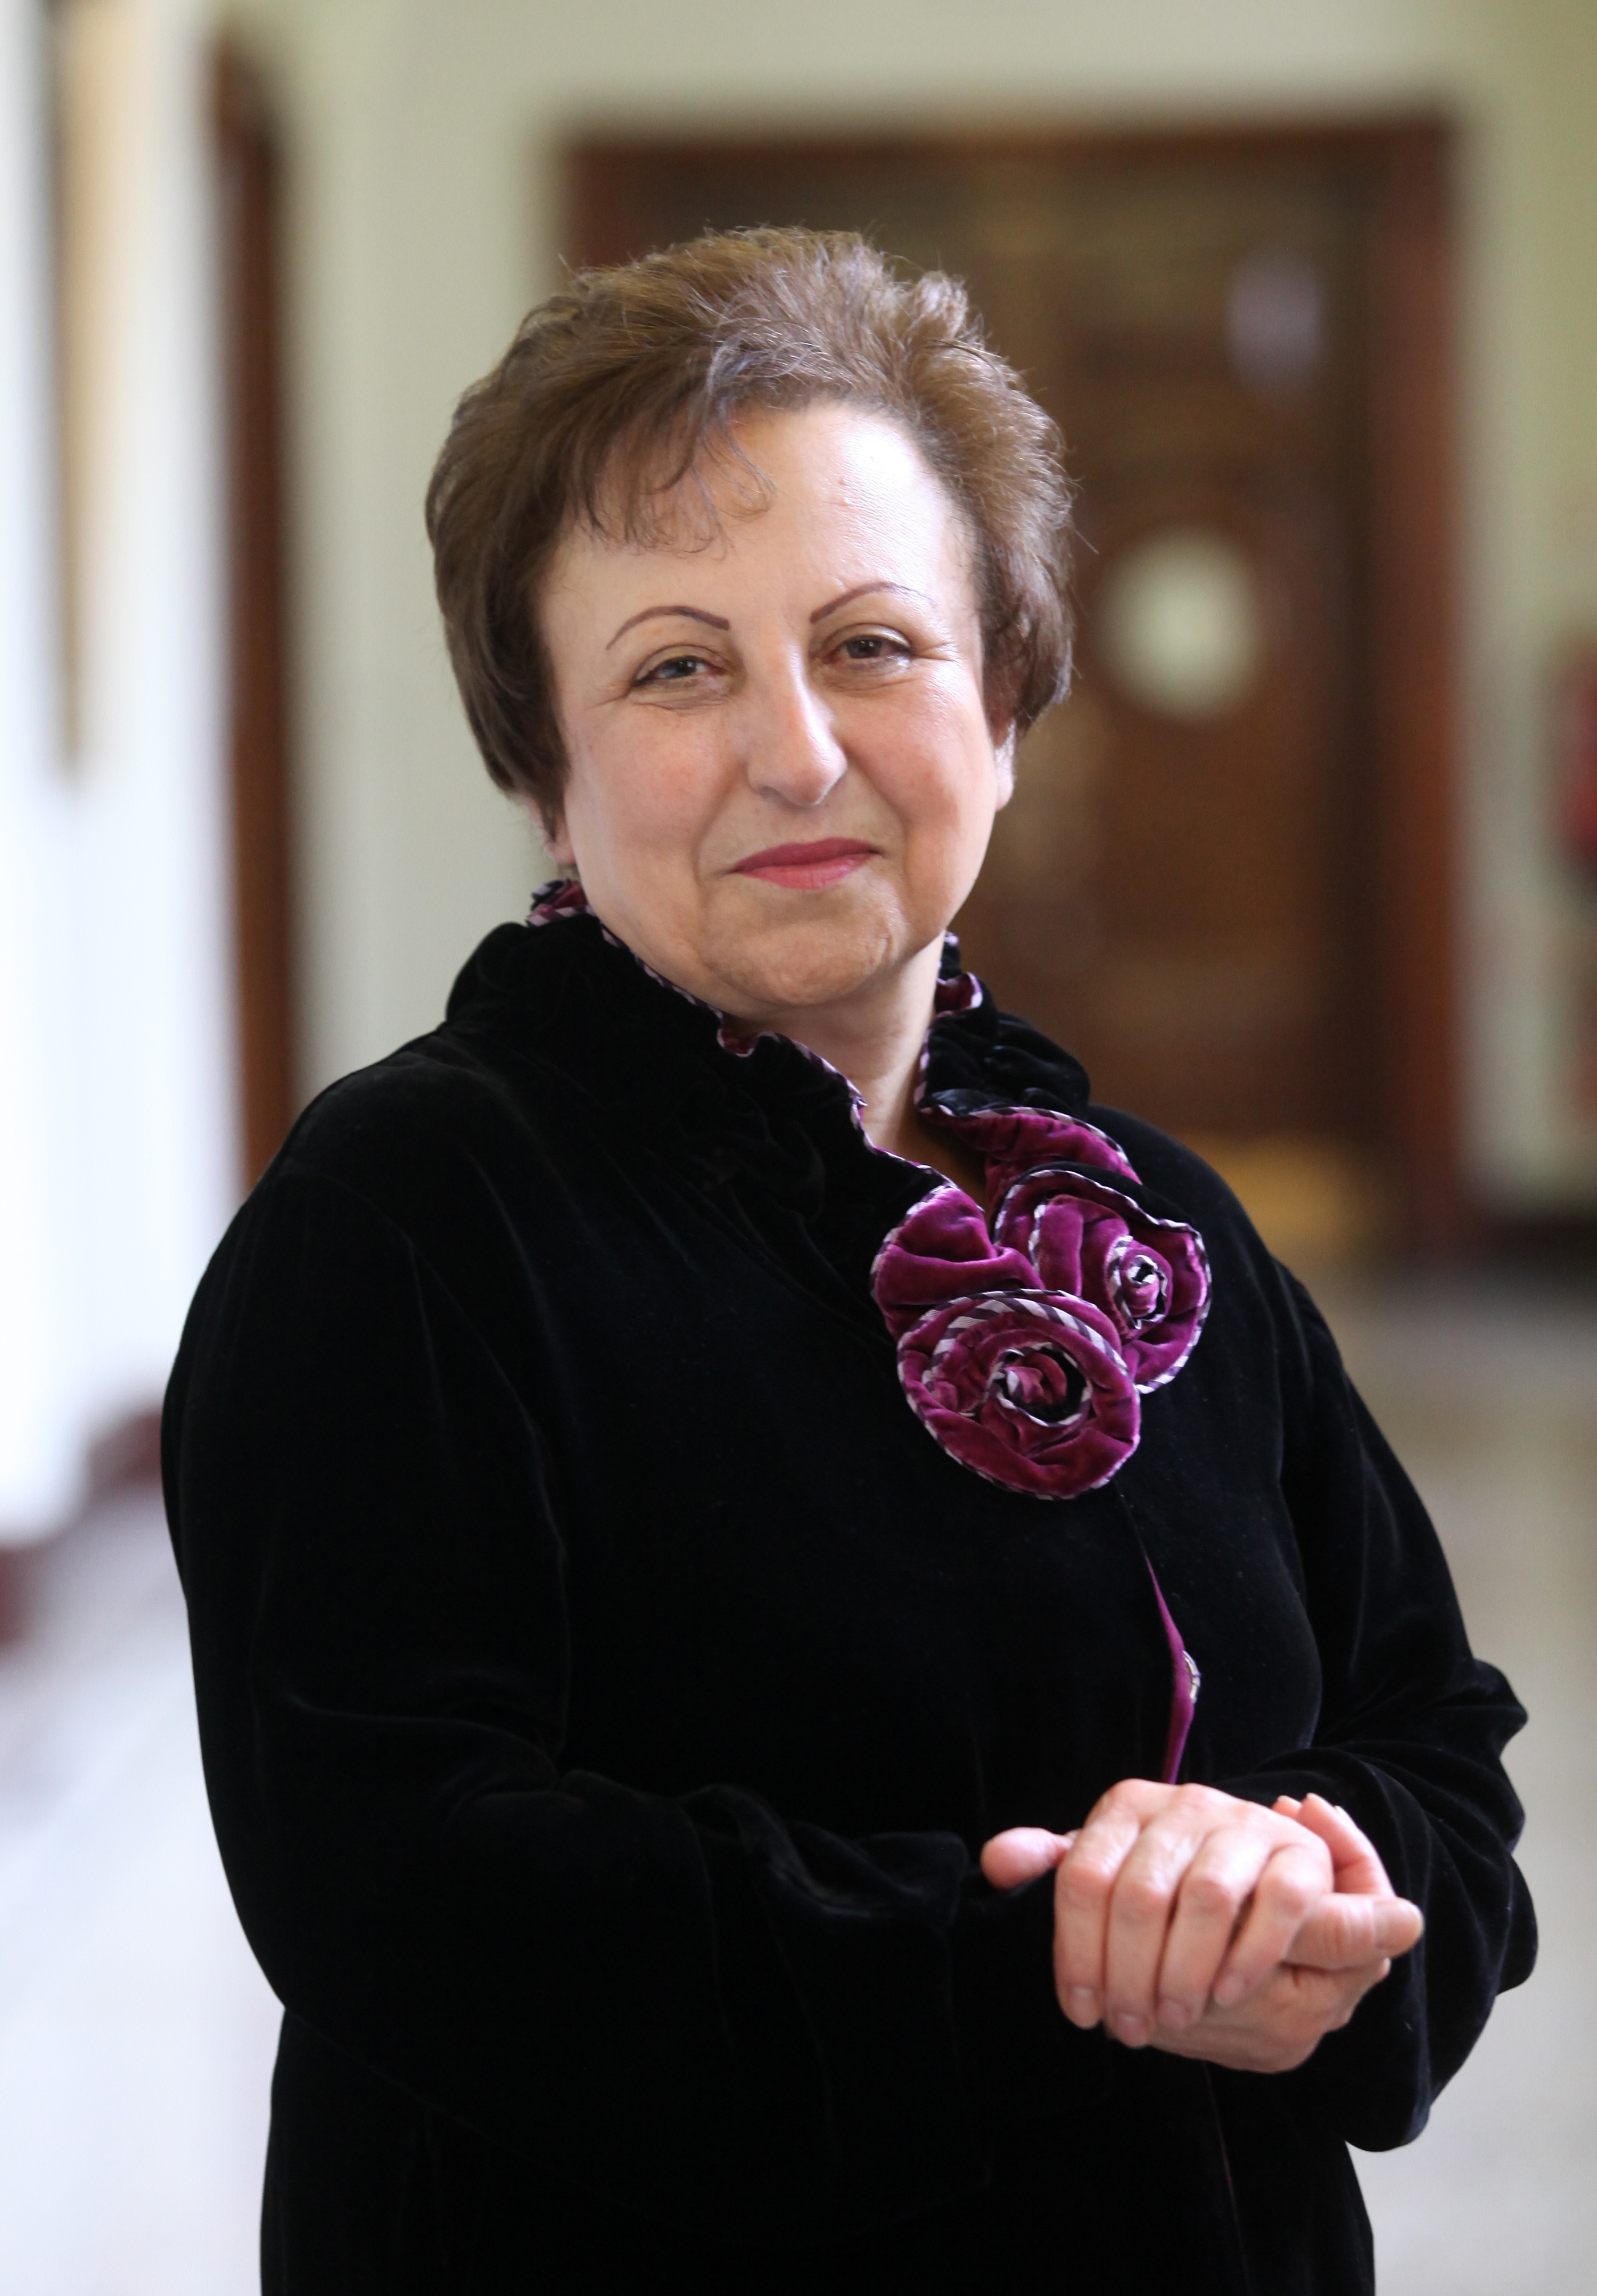 Shirin_Ebadi_2013_credit_John_Murphy_Aurora_PA.jpg